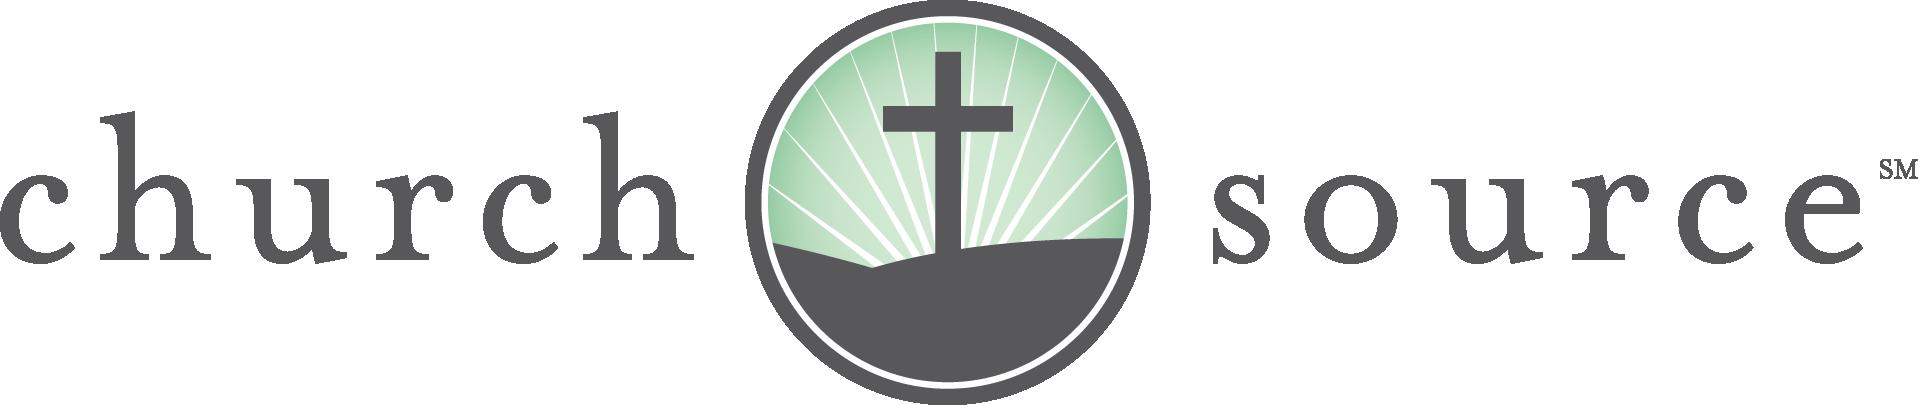 churchsource-horiz-cmyk-1